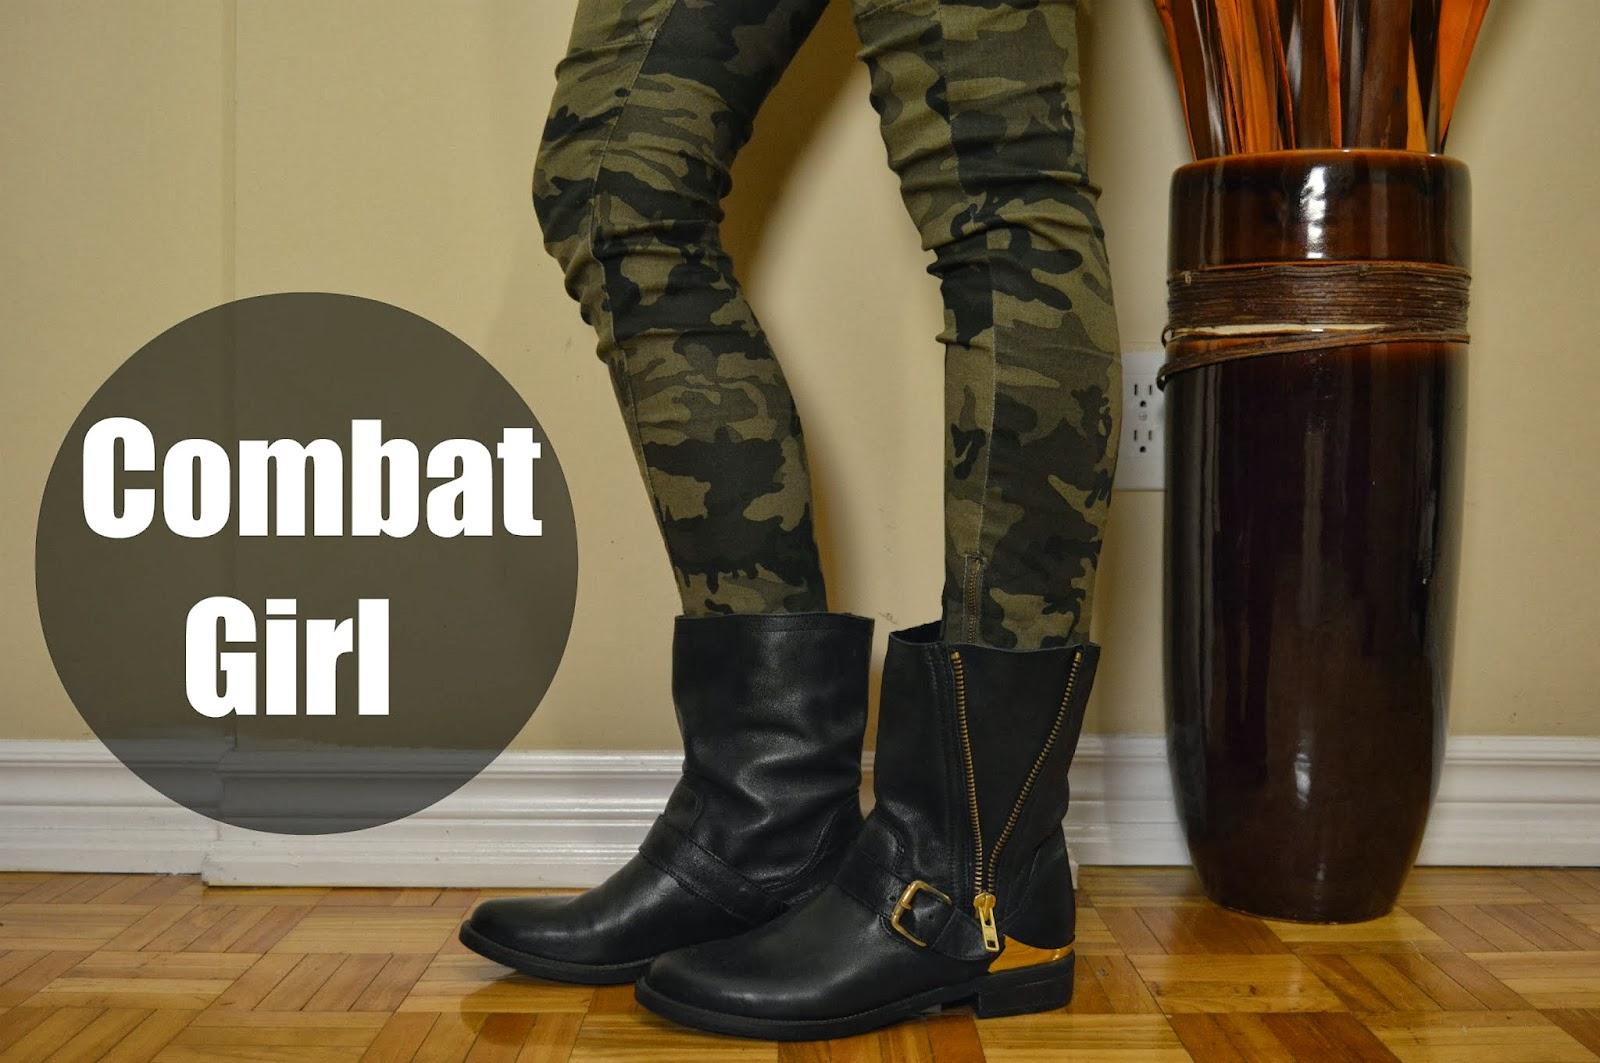 DIY Combat Girl Halloween Costume & DIY Combat Girl Halloween Costume - Life with A.Co by Amanda L. Conquer